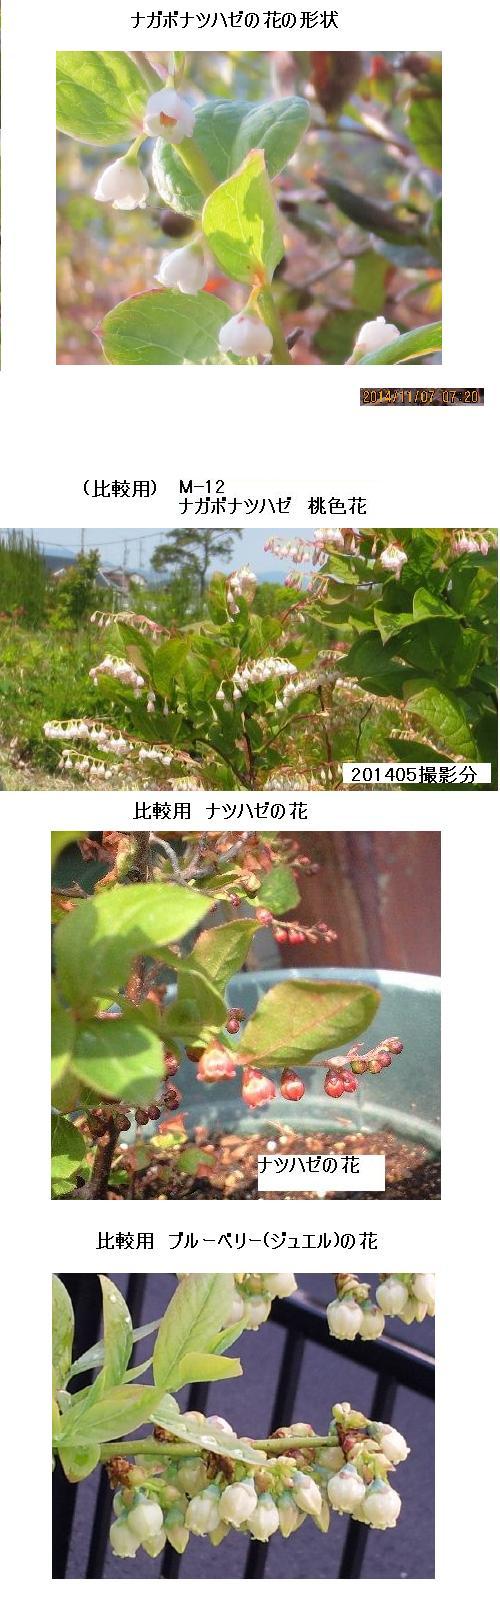 20141107撮影_9897(拡大)